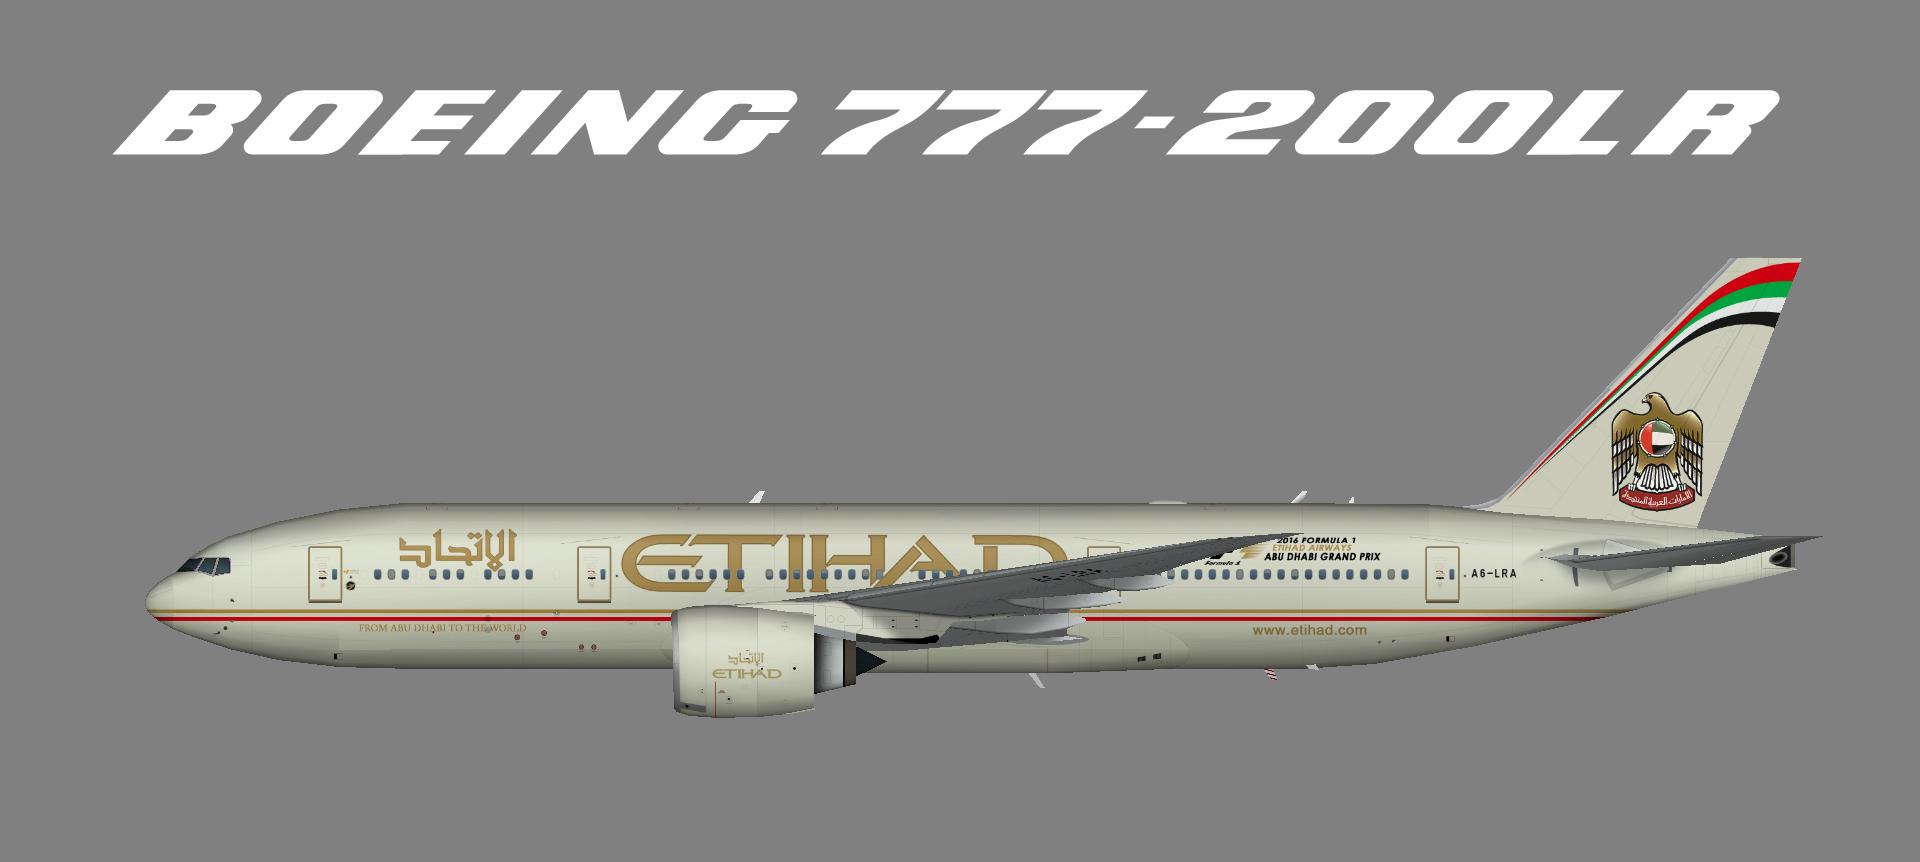 Etihad 777-200LR